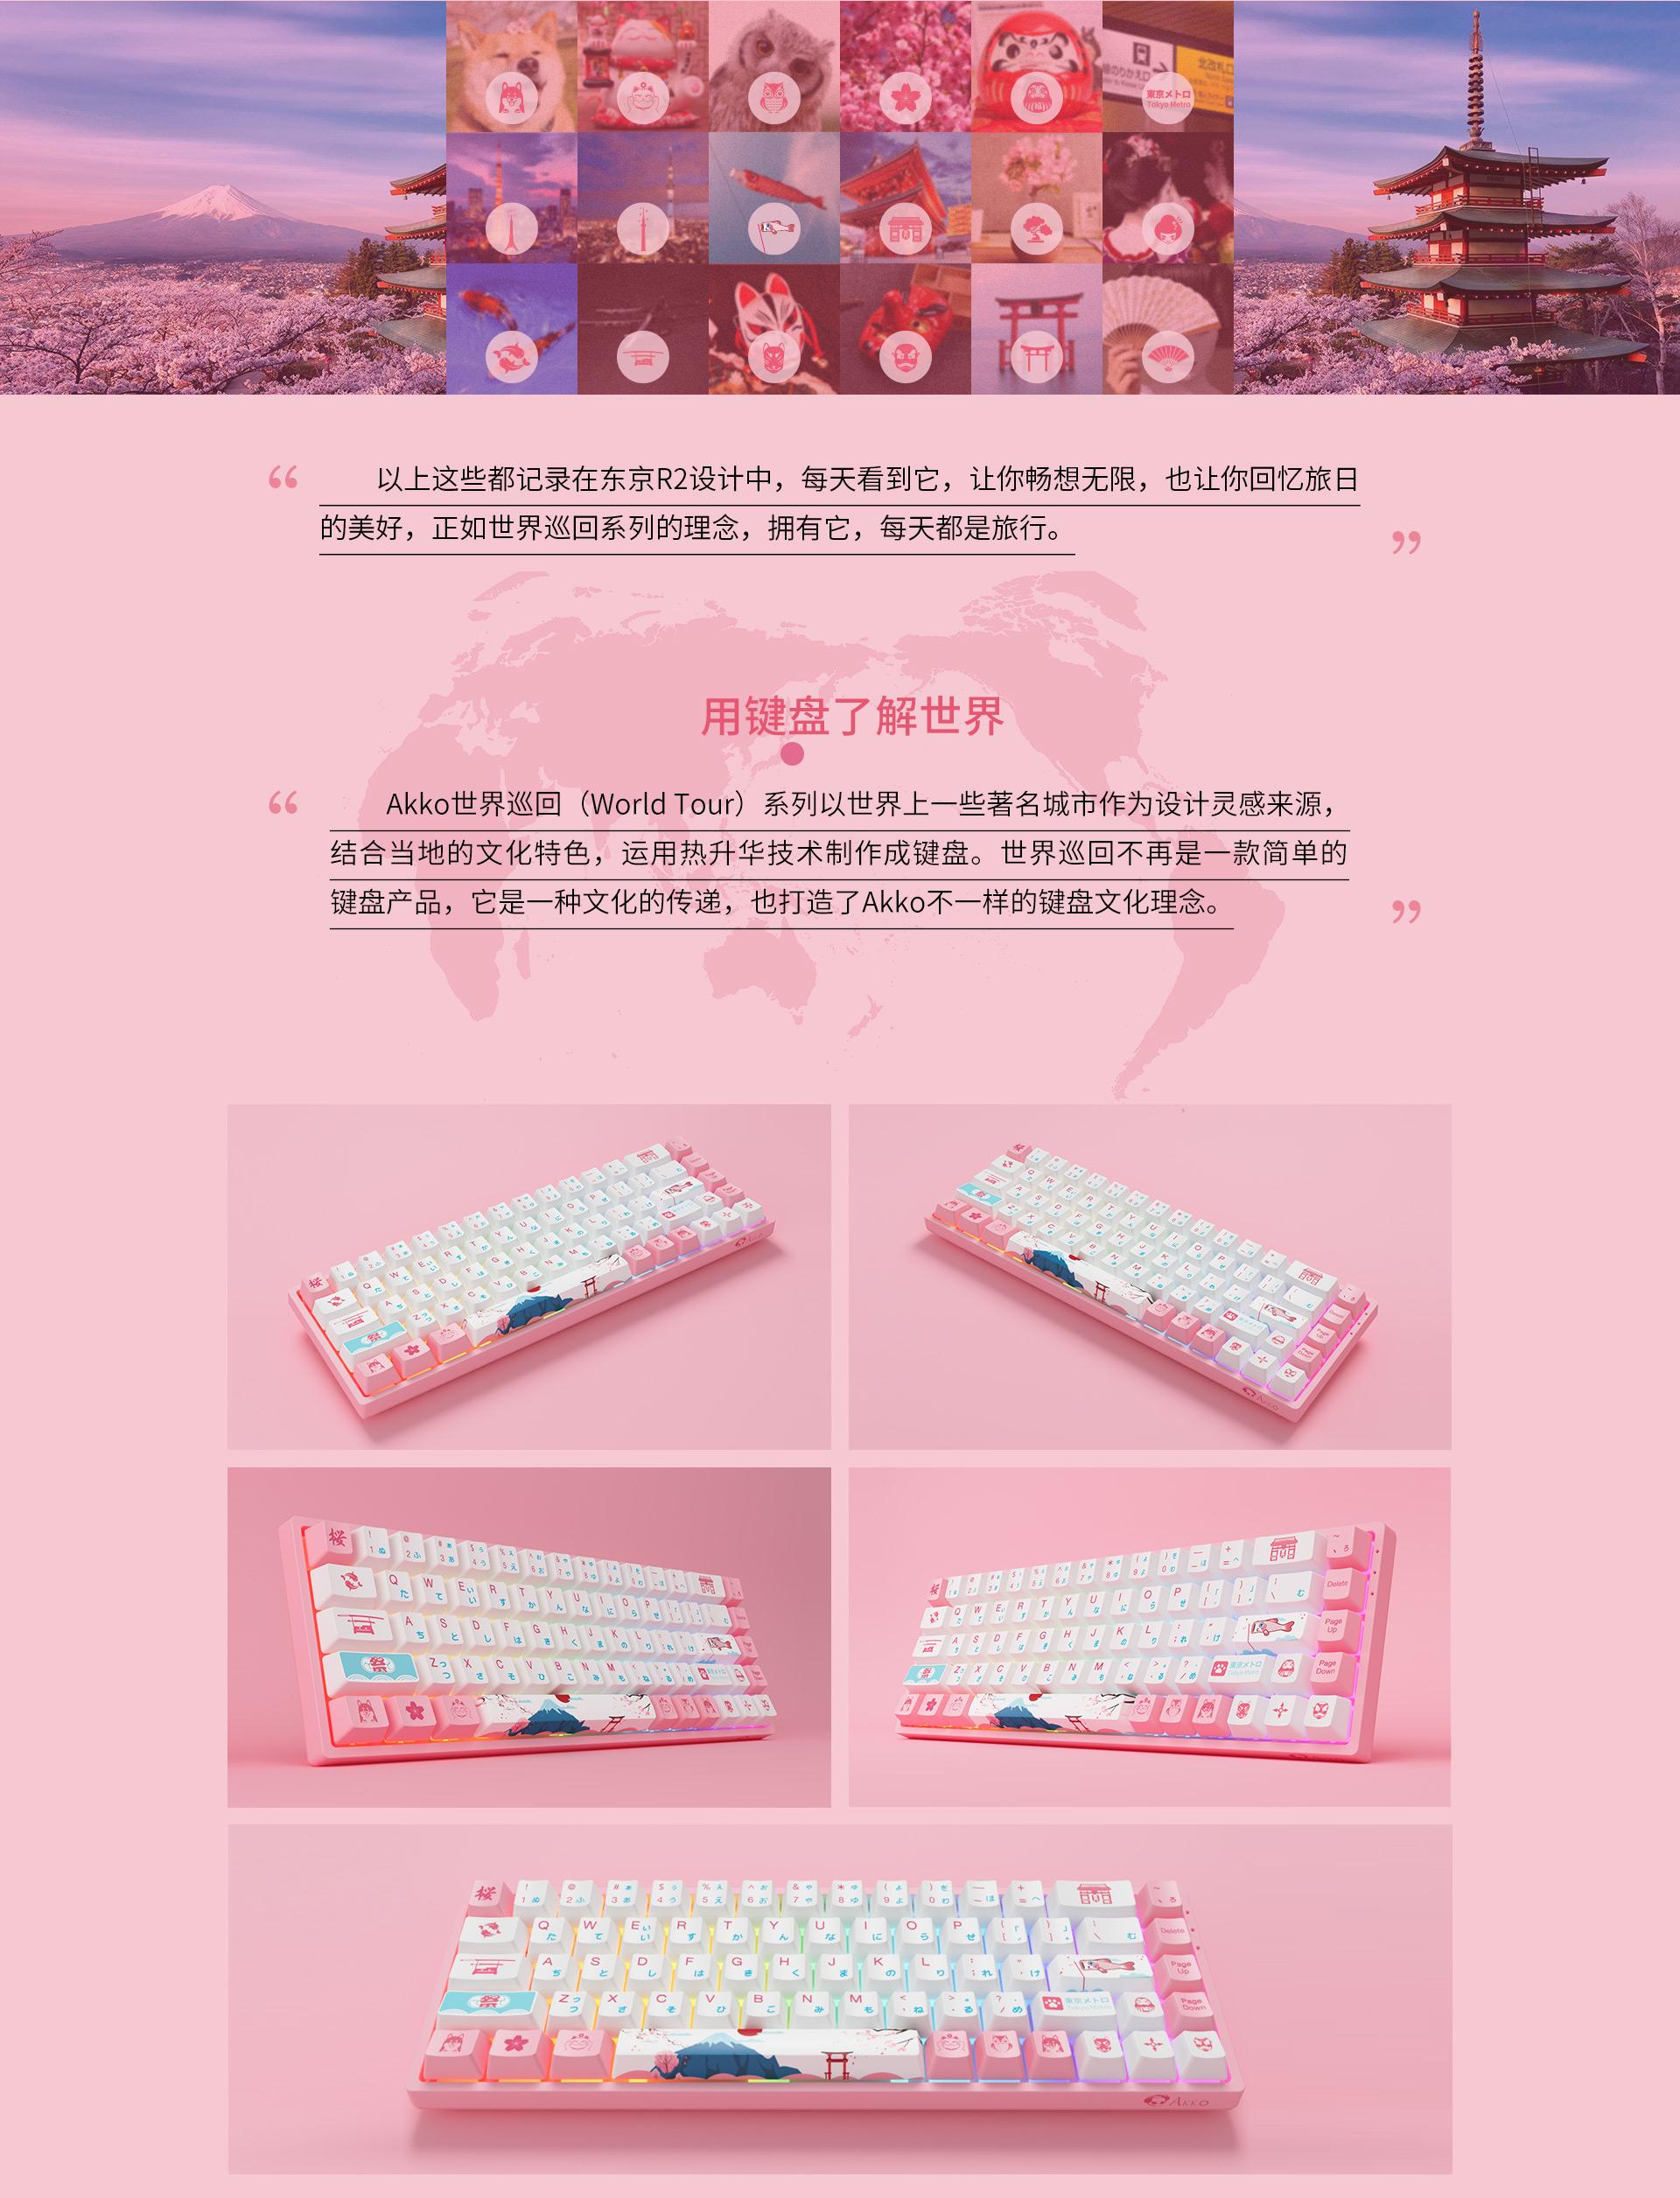 Giới thiệu về bàn phím AKKO 3068 v2 World Tour Tokyo R2 RGB